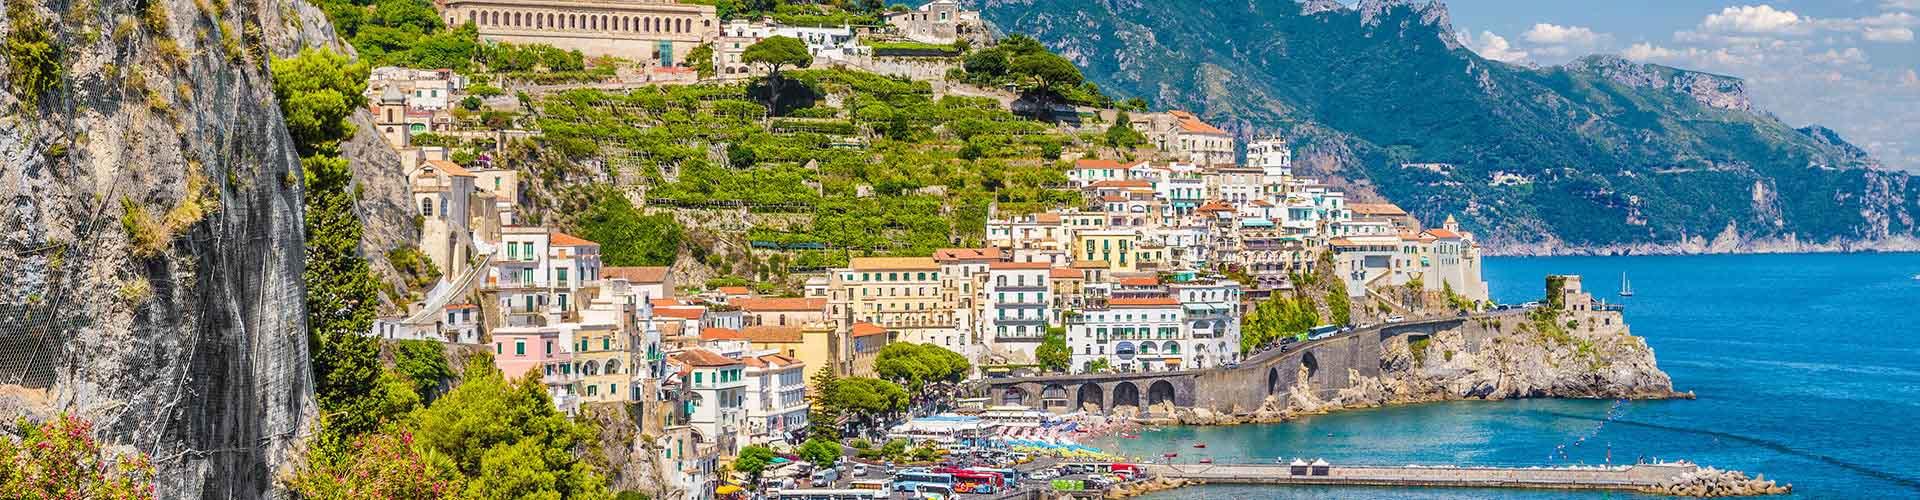 Amalfi - Camping à Amalfi. Cartes pour Amalfi, photos et commentaires pour chaque Camping à Amalfi.